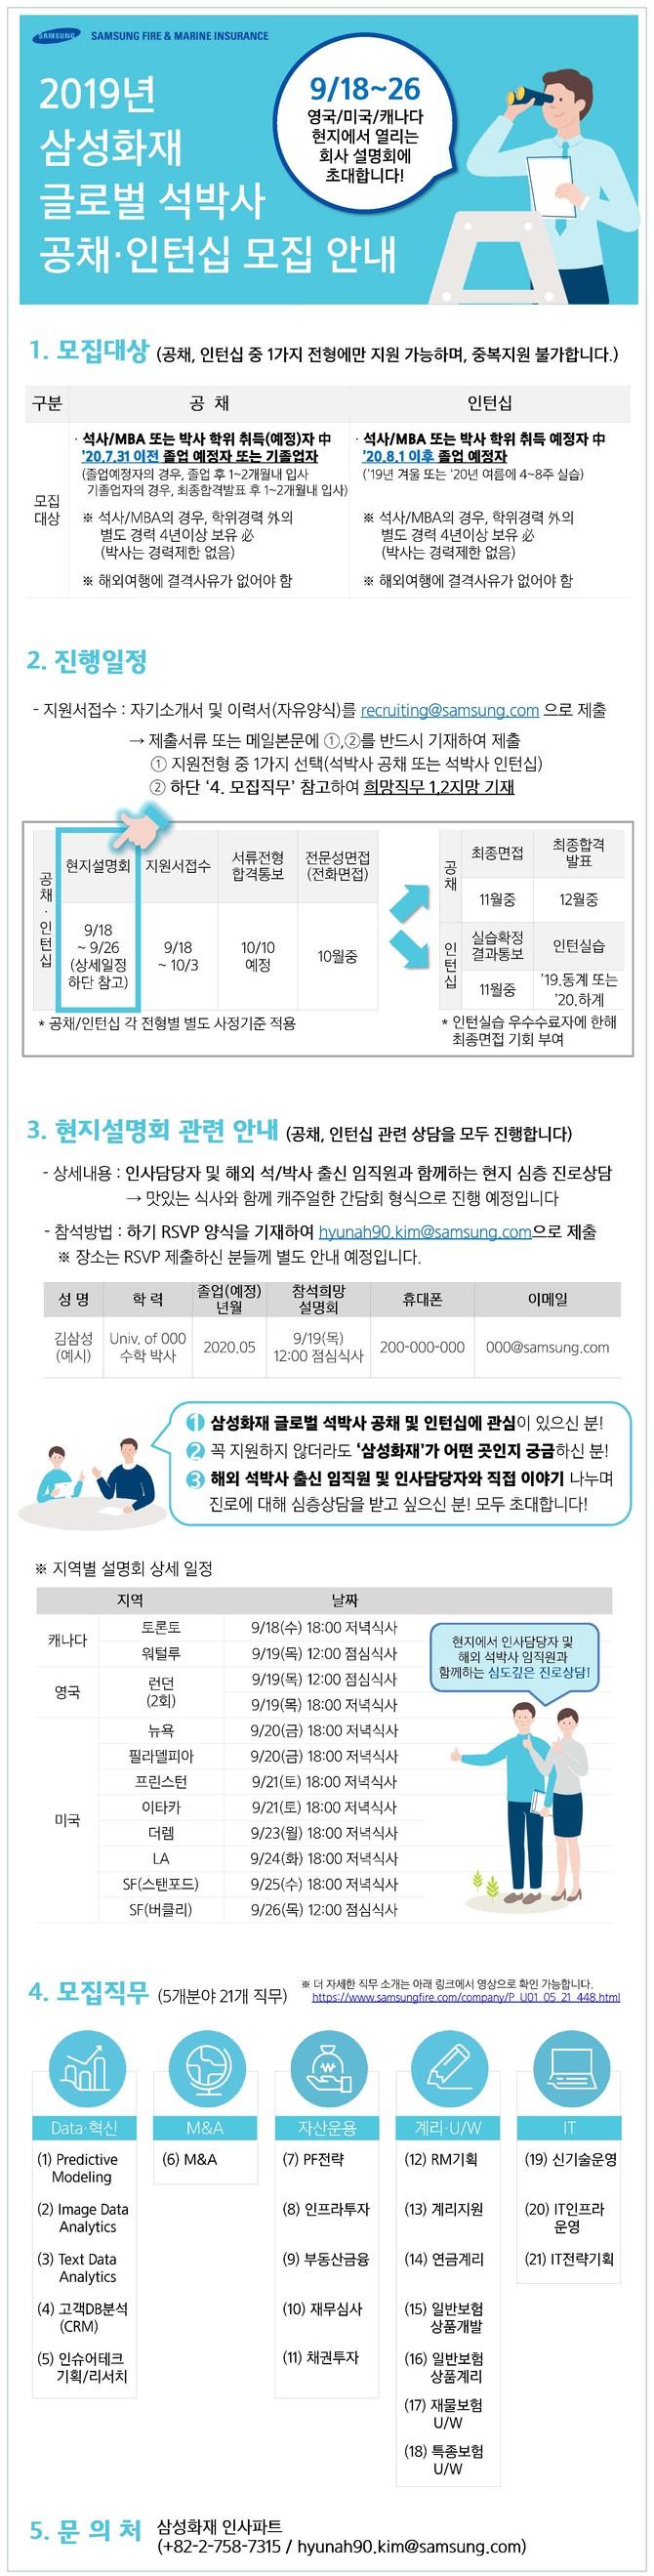 [삼성화재]2019년 글로벌 석박사 공채 및 인턴십 모집 안내_final2.jpg